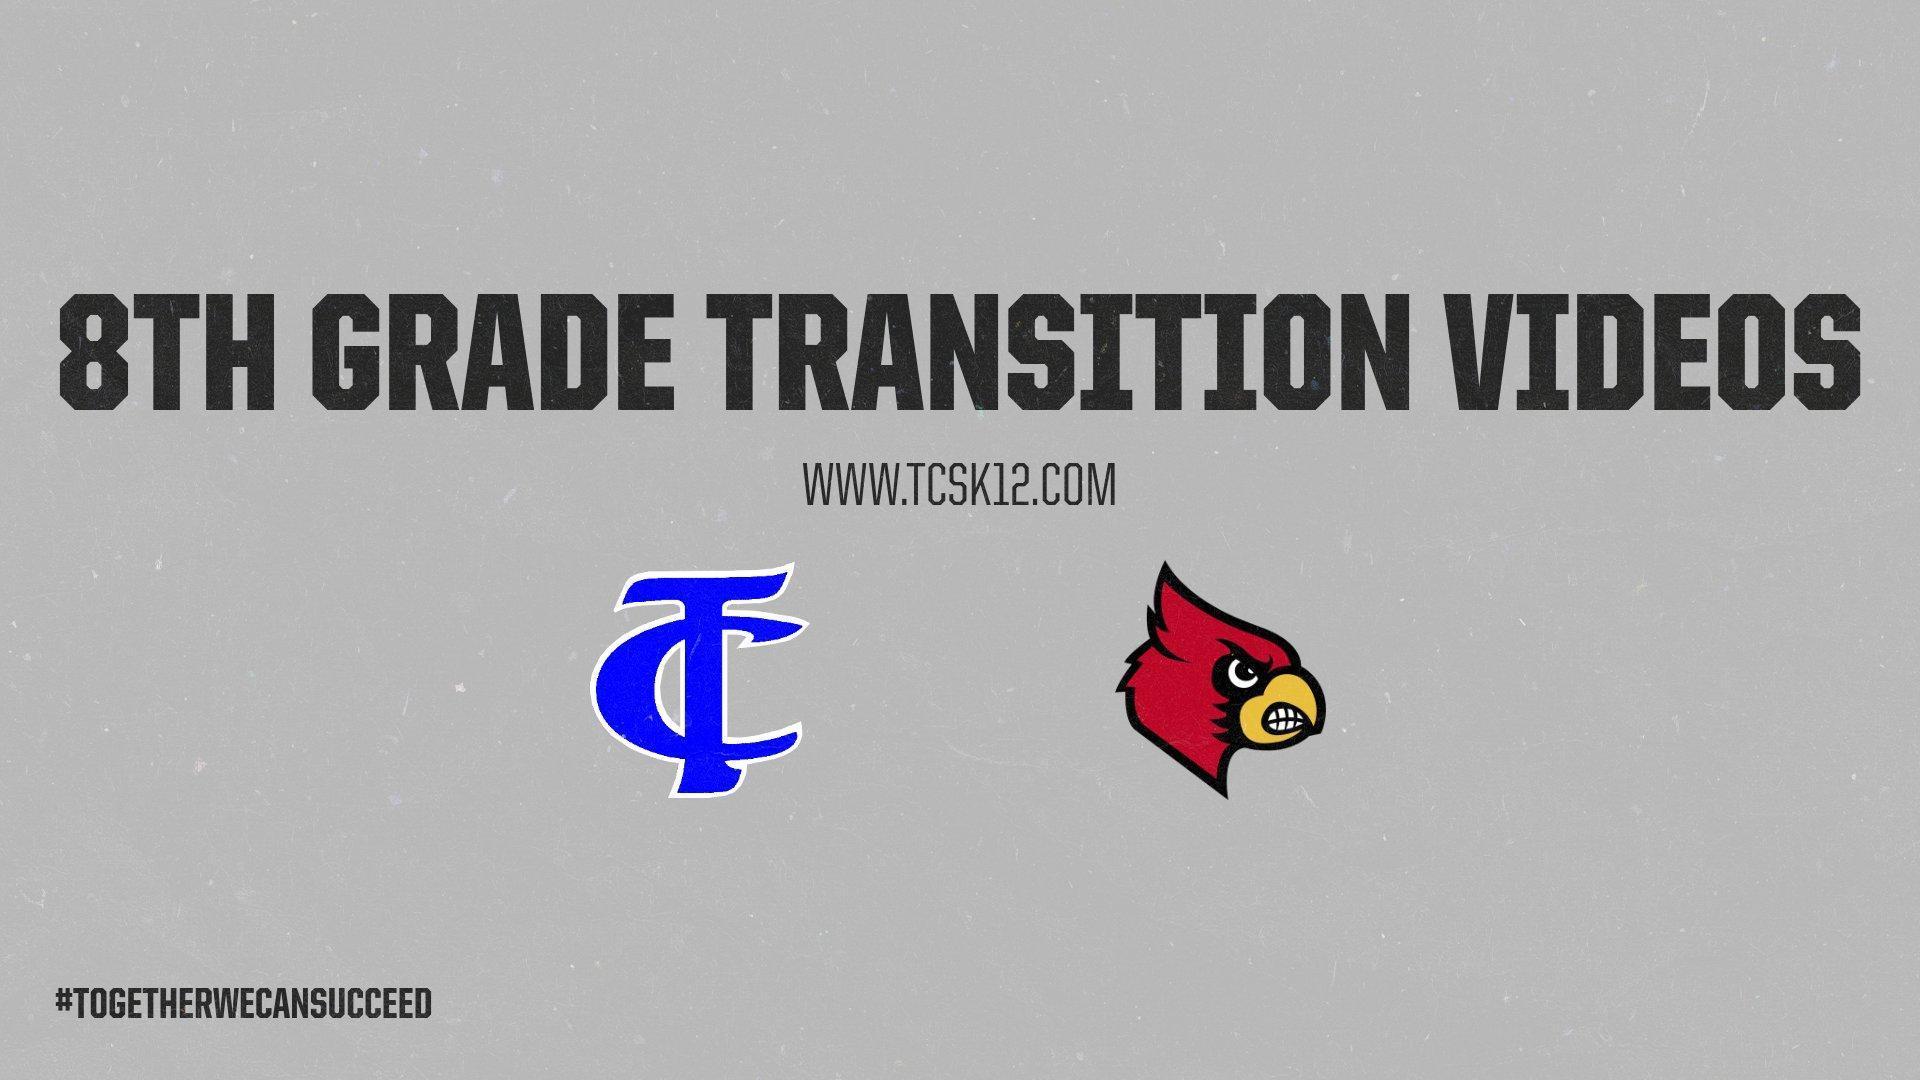 8th Grade Transition Video